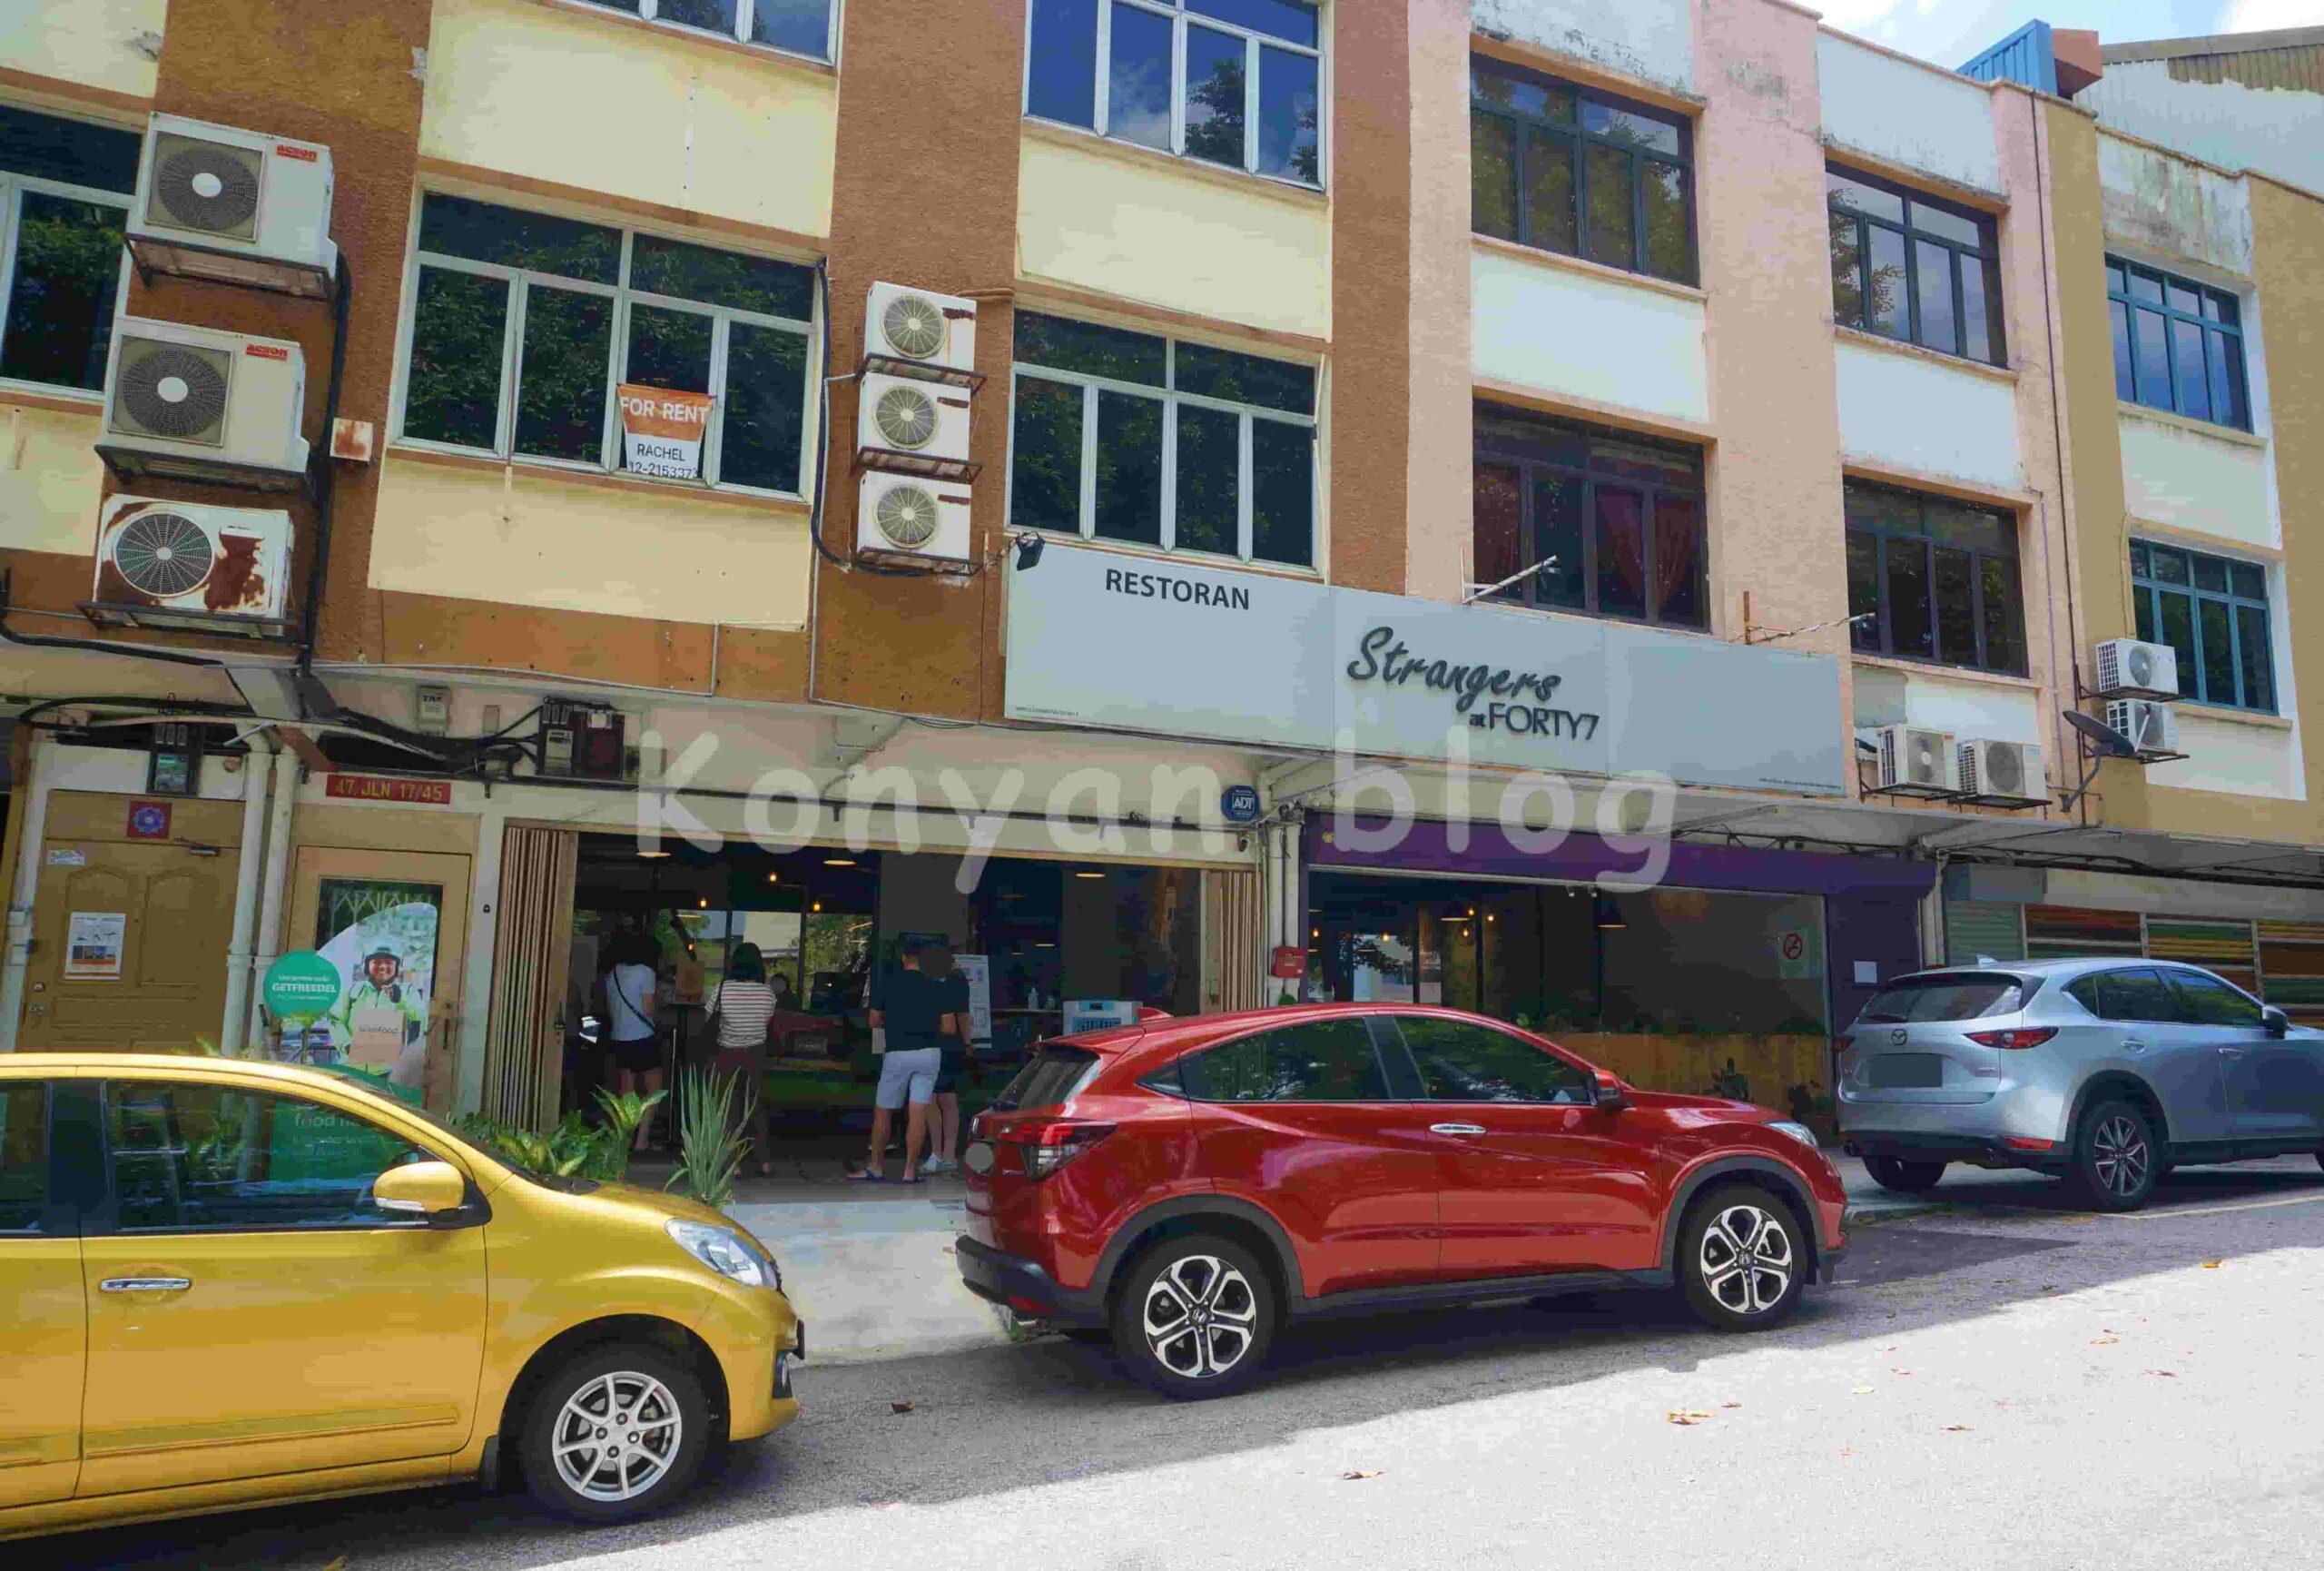 Stranger at 47 petaling jaya selangor お店の外